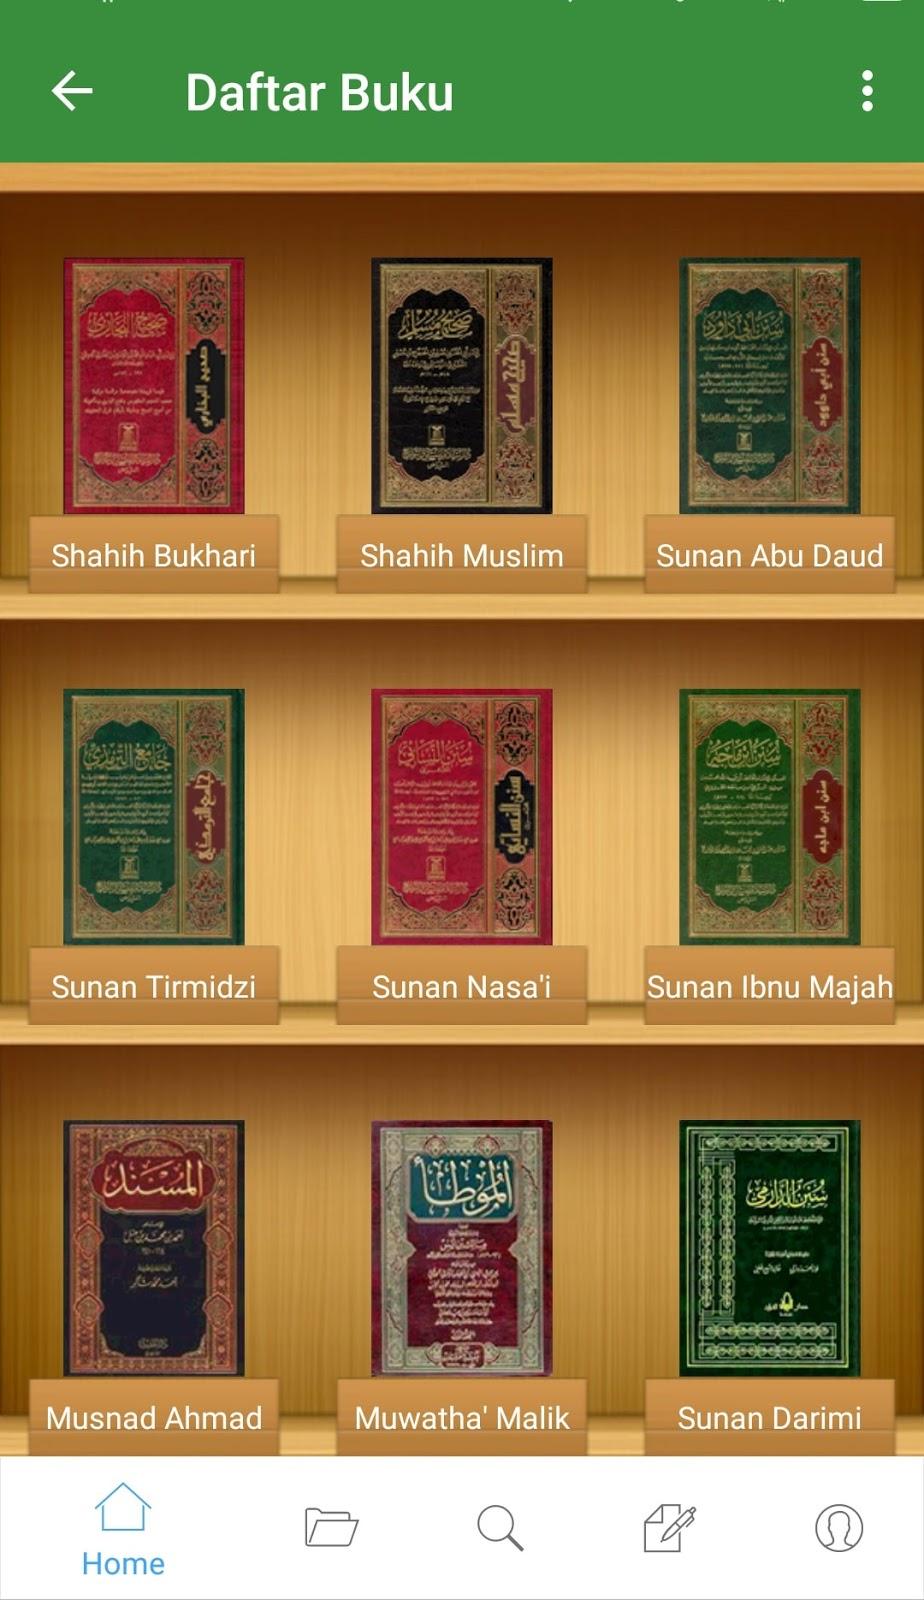 Ensiklopedi Hadits Kitab 9 Imam: Aplikasi Hadits Offline Terbaik pada Ponsel Android